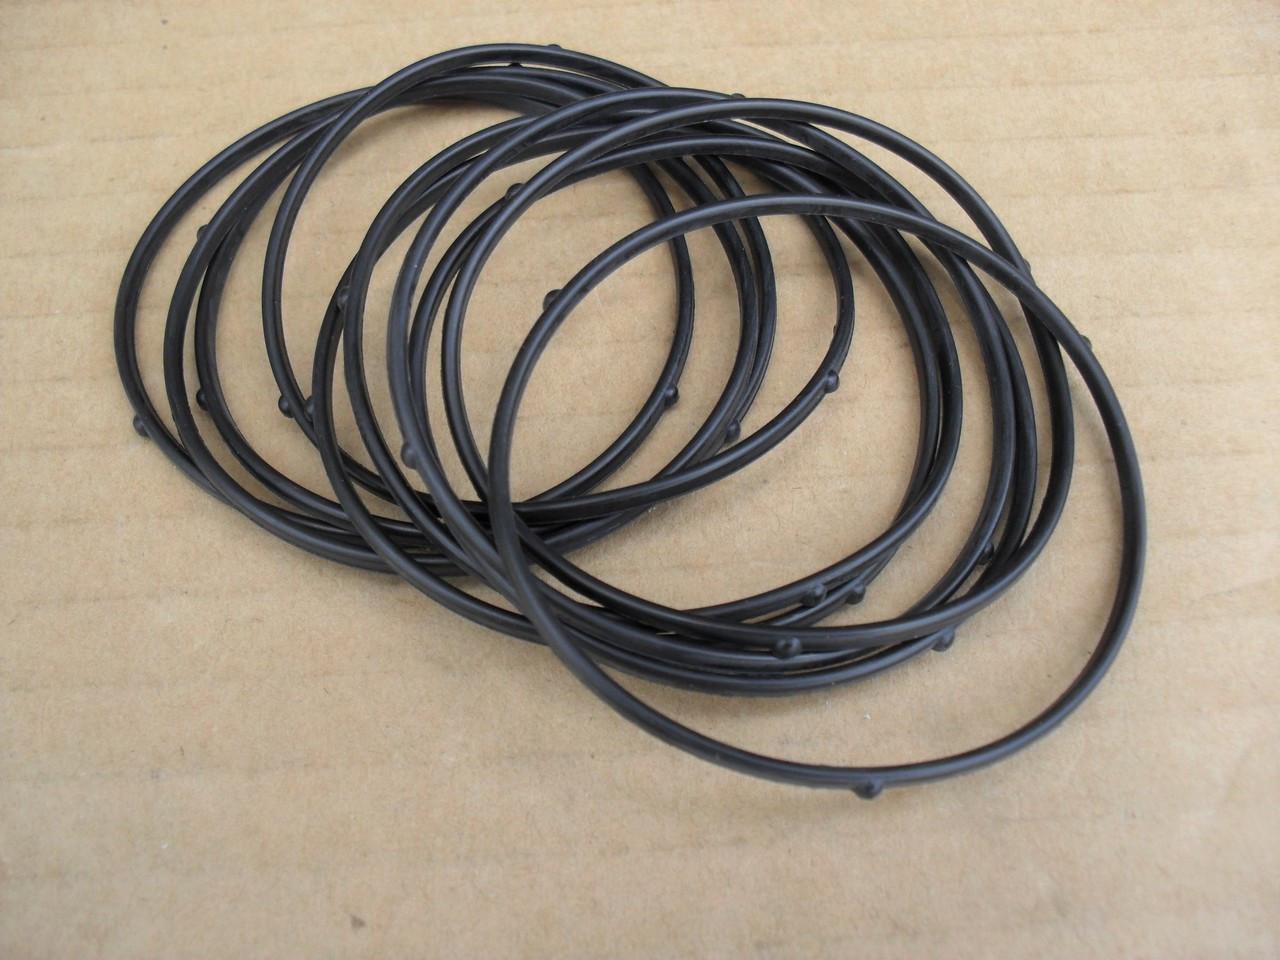 hight resolution of carburetor bowl o rings gasket for honda gx240 gx270 gx340 gx390 gxv270